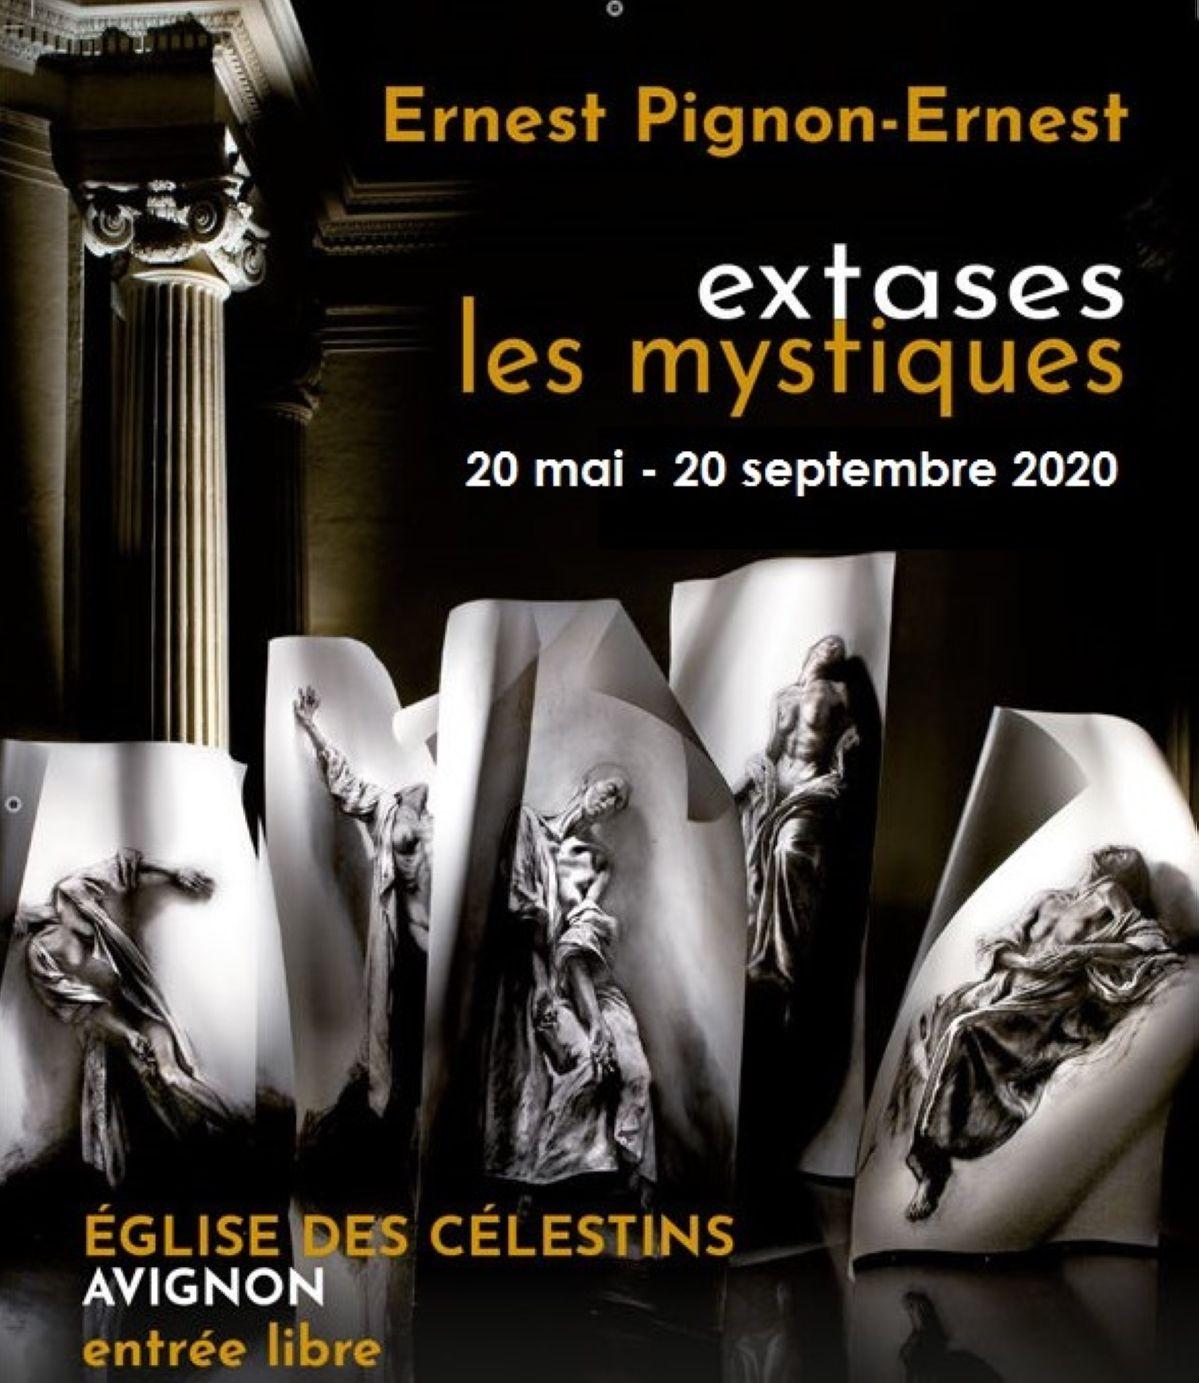 Ernest Pignon Ernest - Extases - les mystiques 2020 - Église des Célestins à Avignon ©Ernest Pignon-Ernest- Affiche